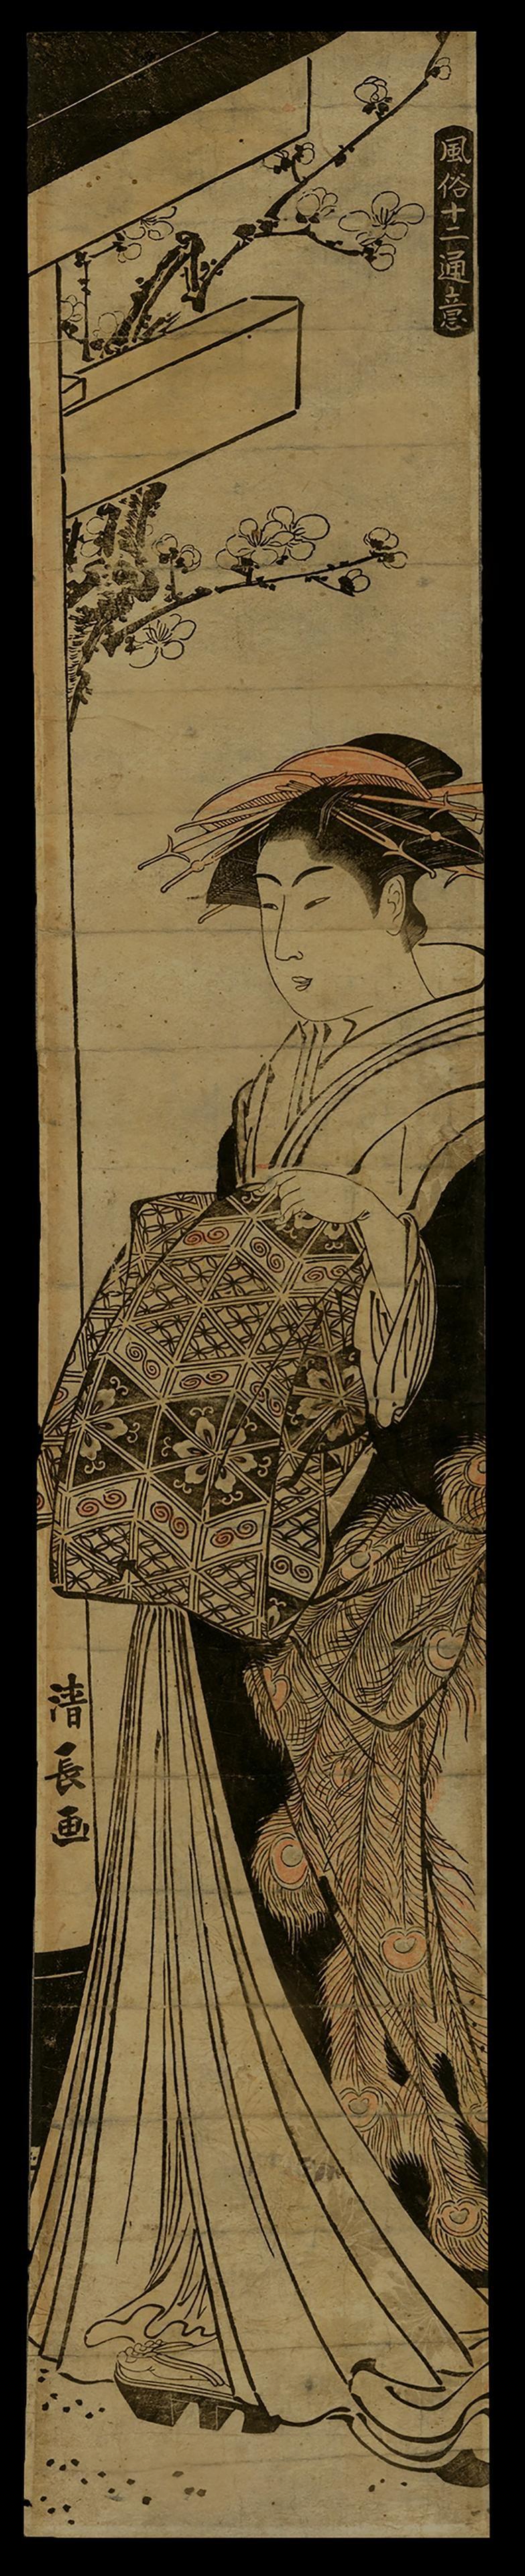 Torii Kiyonaga - Japanese Print